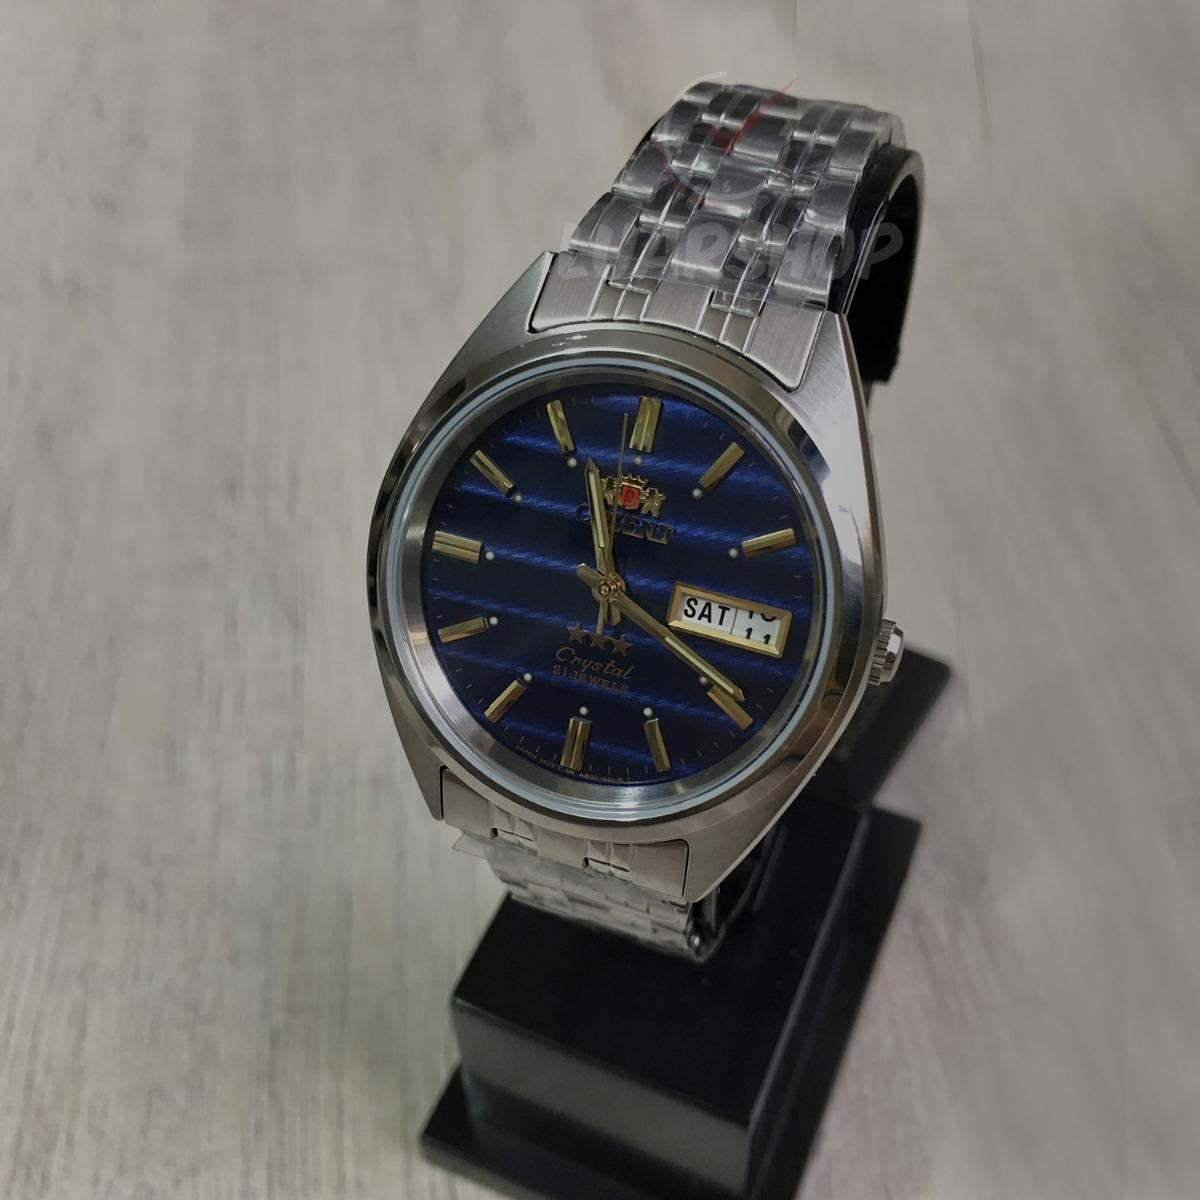 200ca8026b1 relógio orient automatico classico masculino   azul. Carregando zoom.